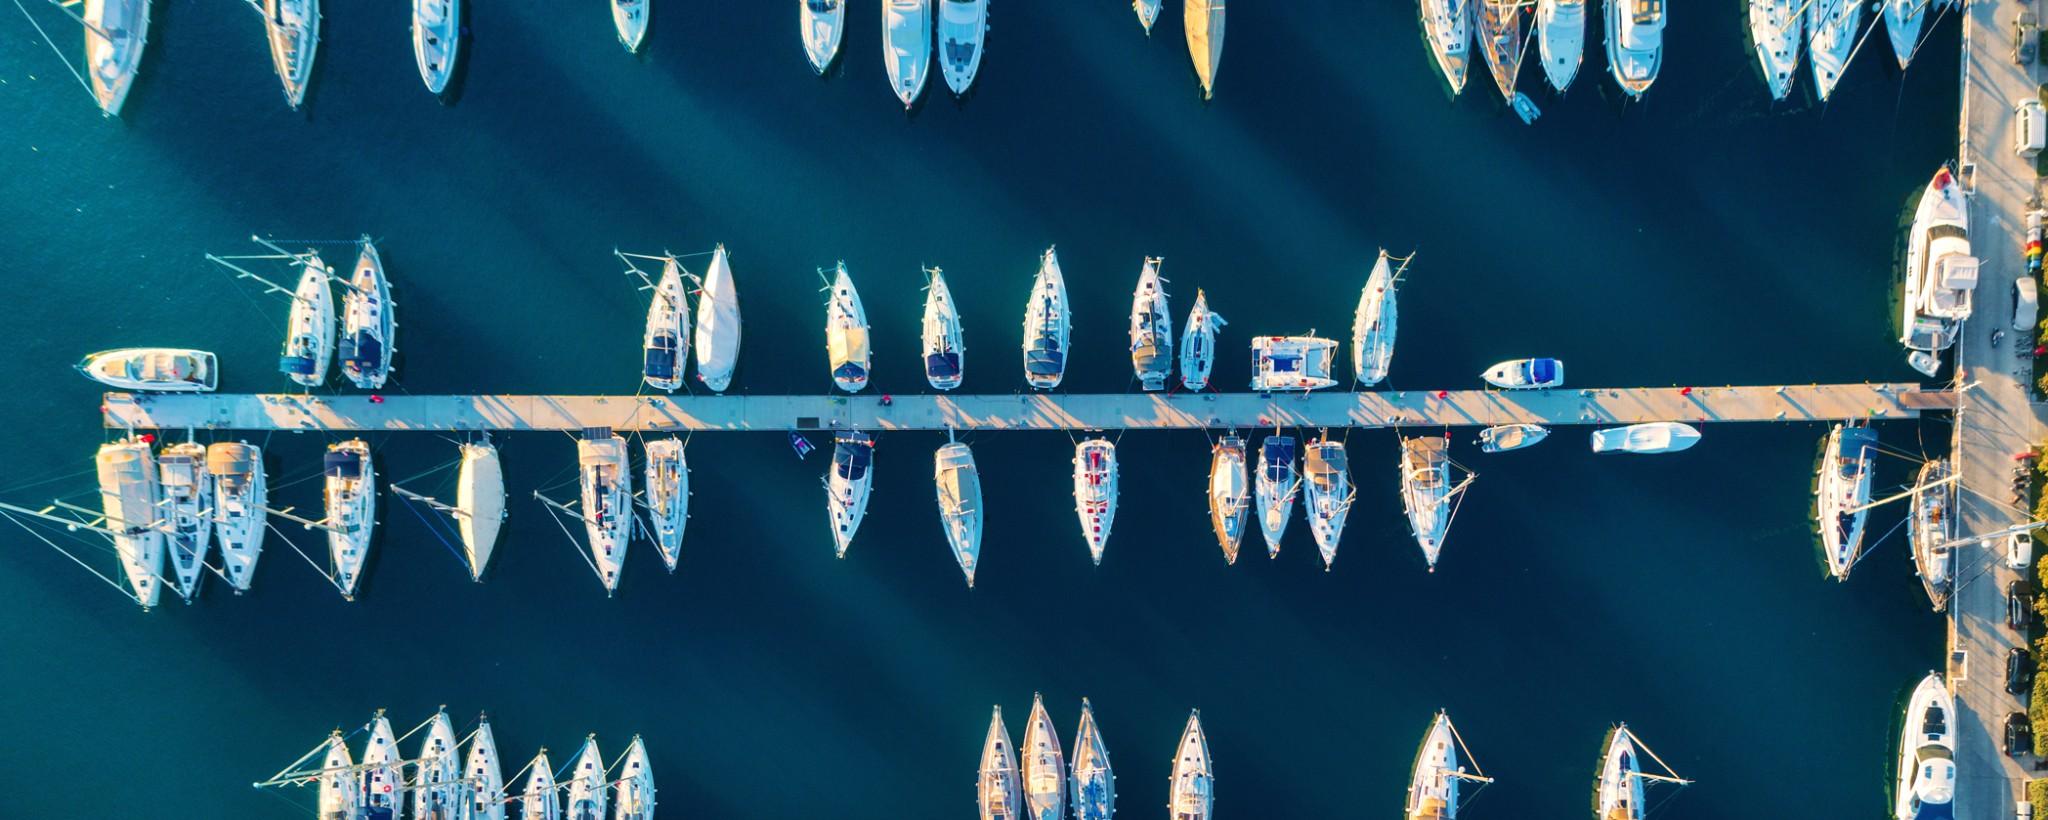 ZF Marine - Segelboote im Hafen